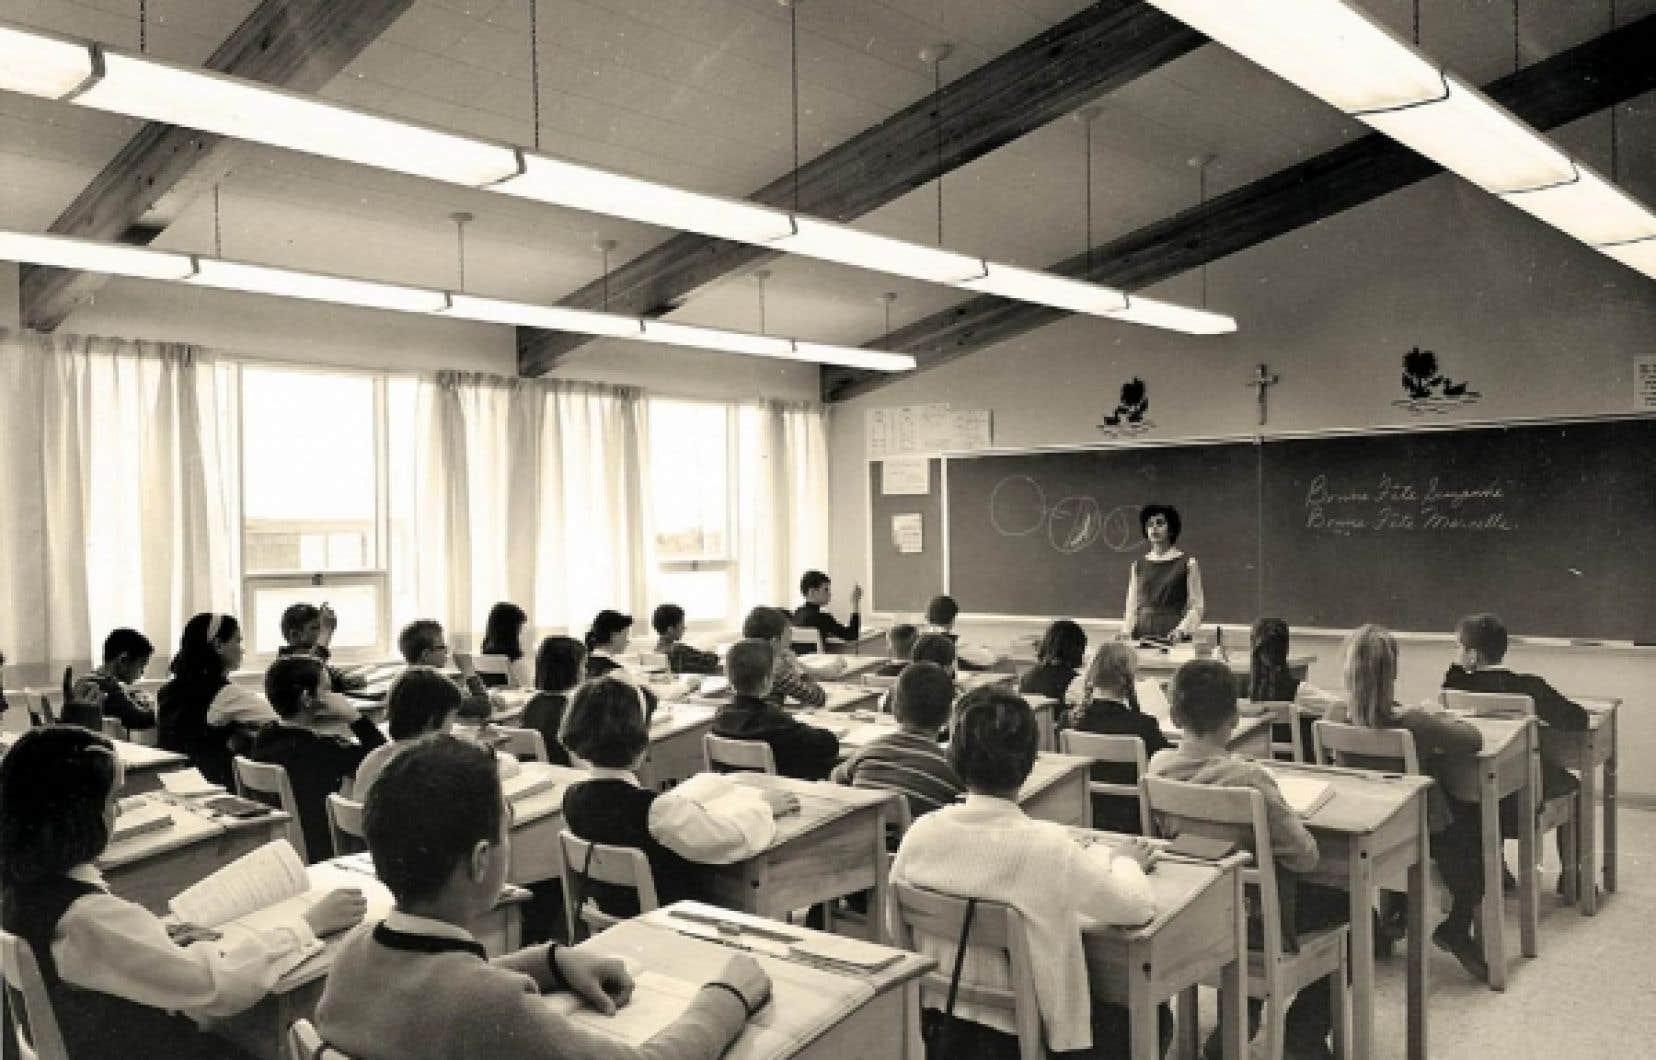 Une salle de cours primaire &agrave; l&#39;&eacute;cole &eacute;l&eacute;mentaire Vanier, &agrave; Chicoutimi, en d&eacute;cembre 1964.<br />